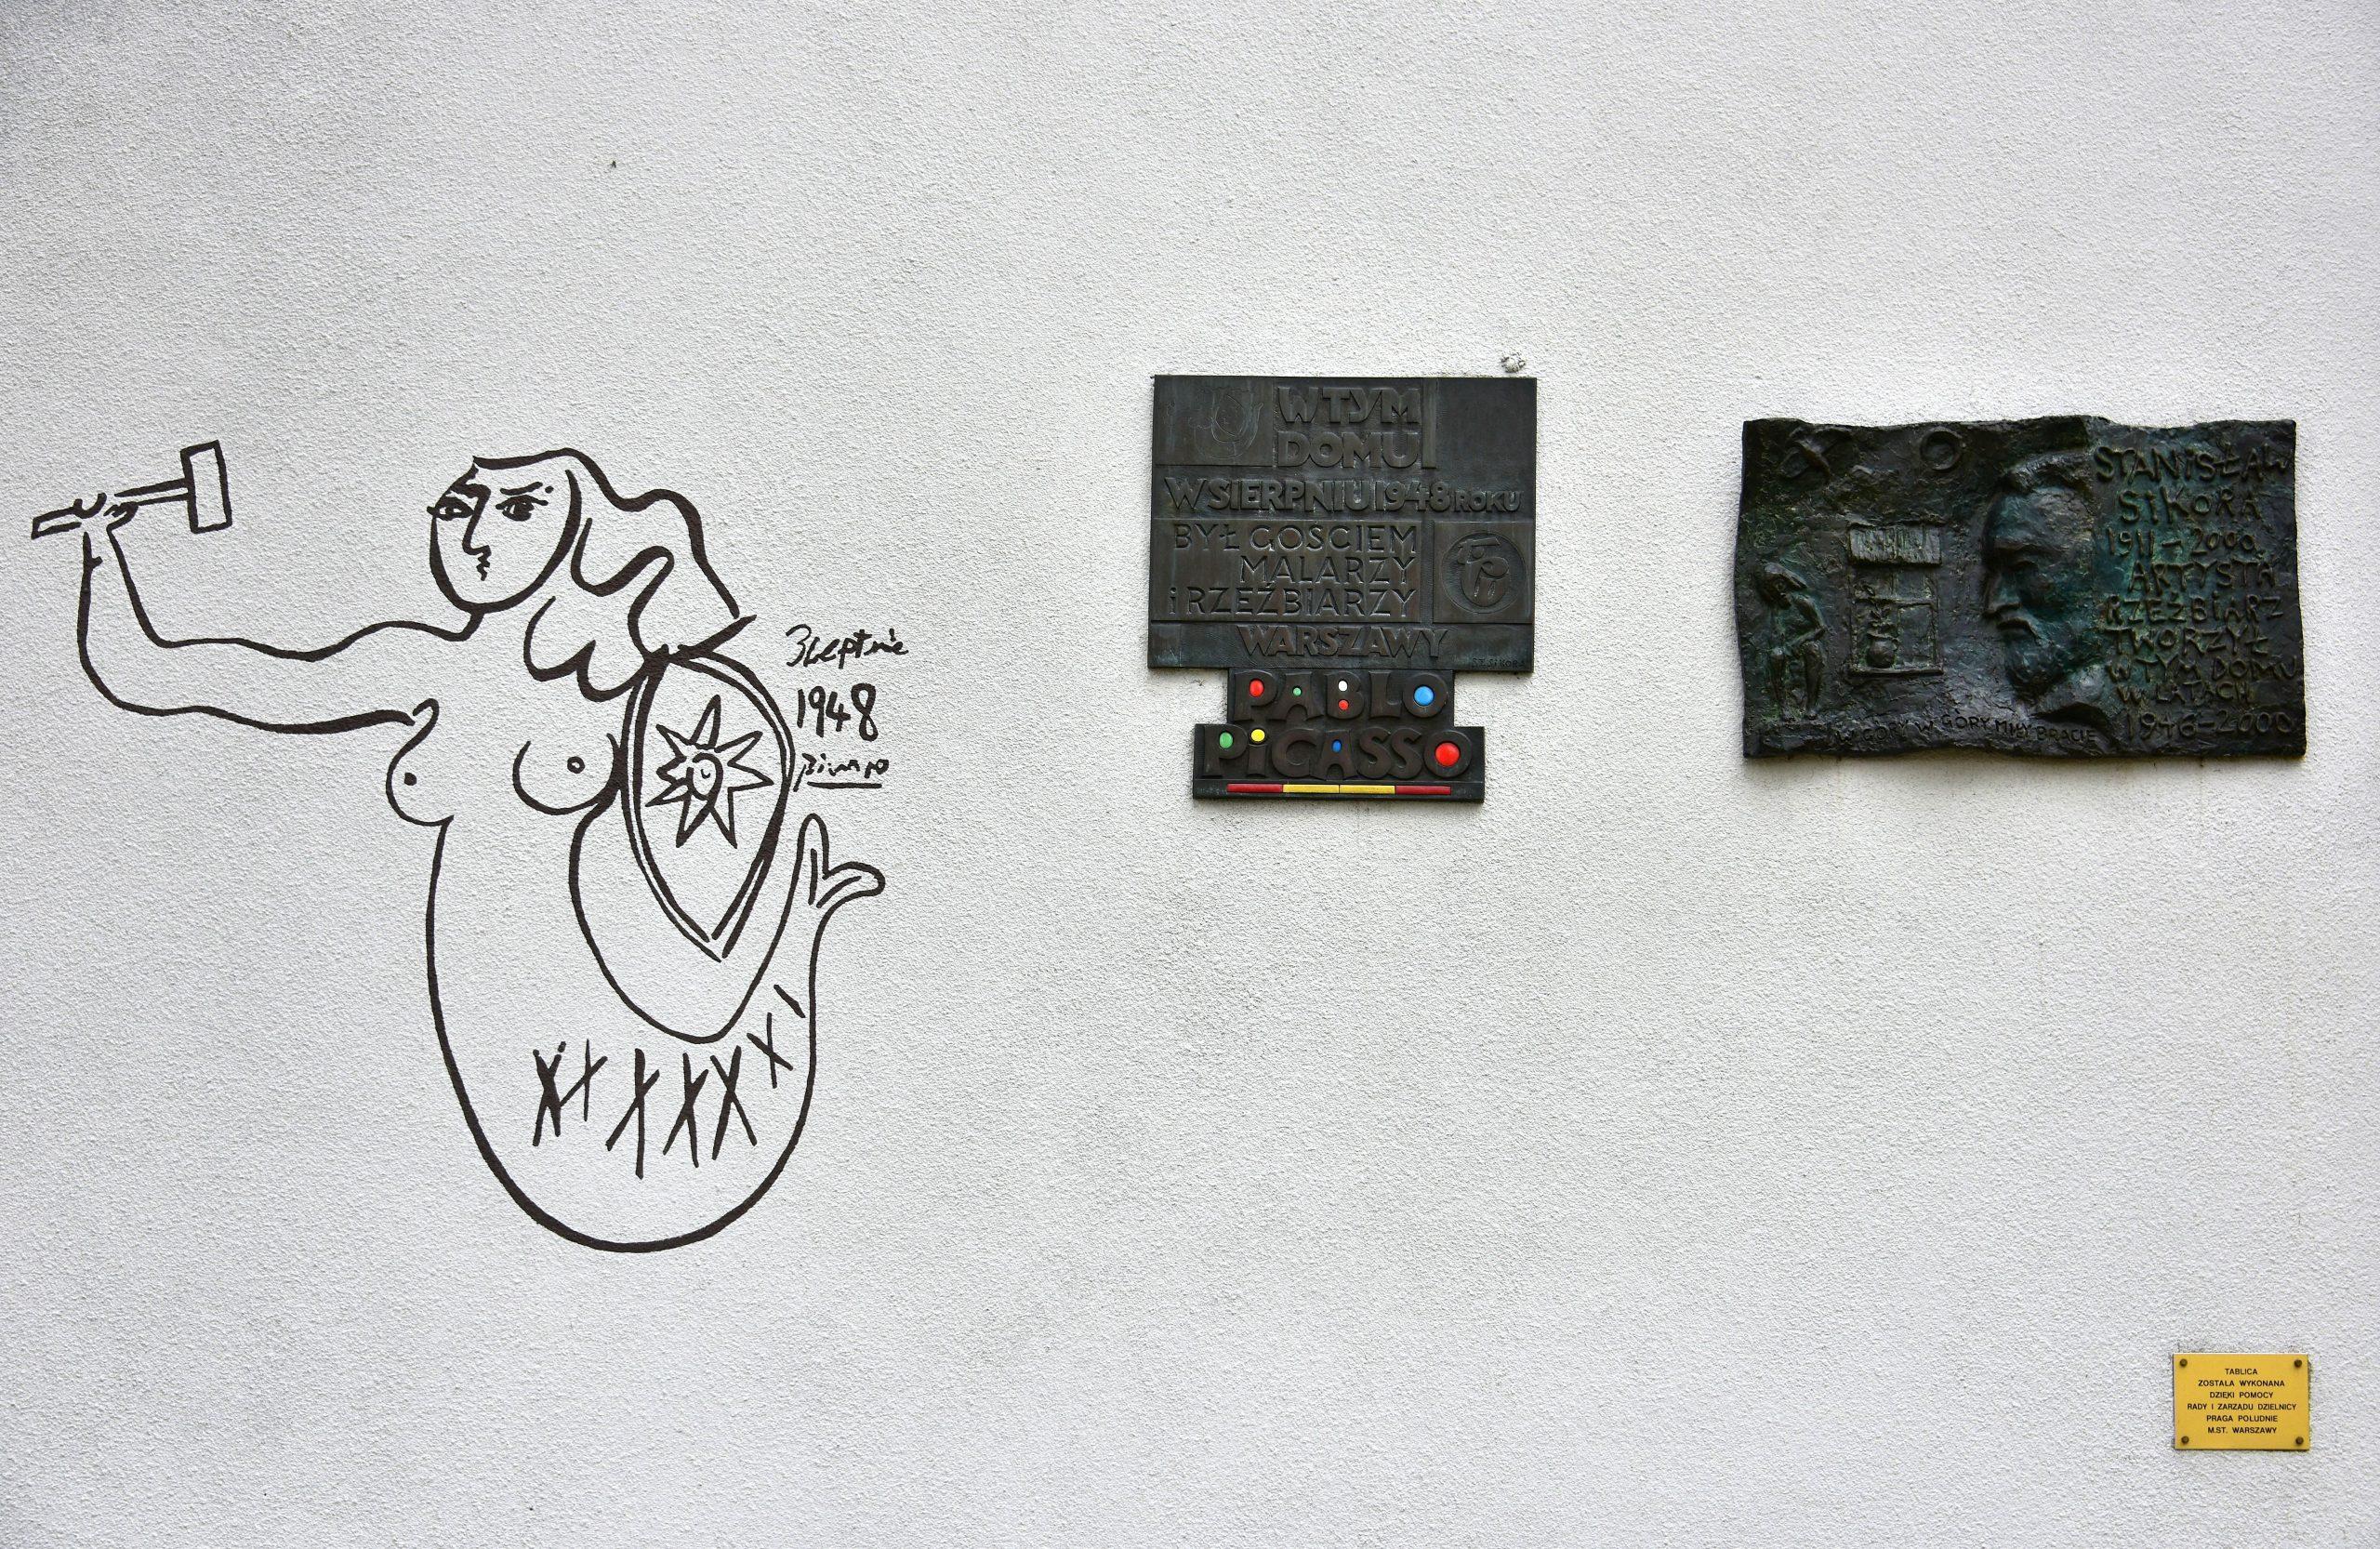 Tablica pamiątkowa i kopia Syrenki Pabla Picassa na budynku przy ul. Obrońców 28/30 w Warszawie, fot. Adrian Grycuk, źródło grafiki: Wikipedia